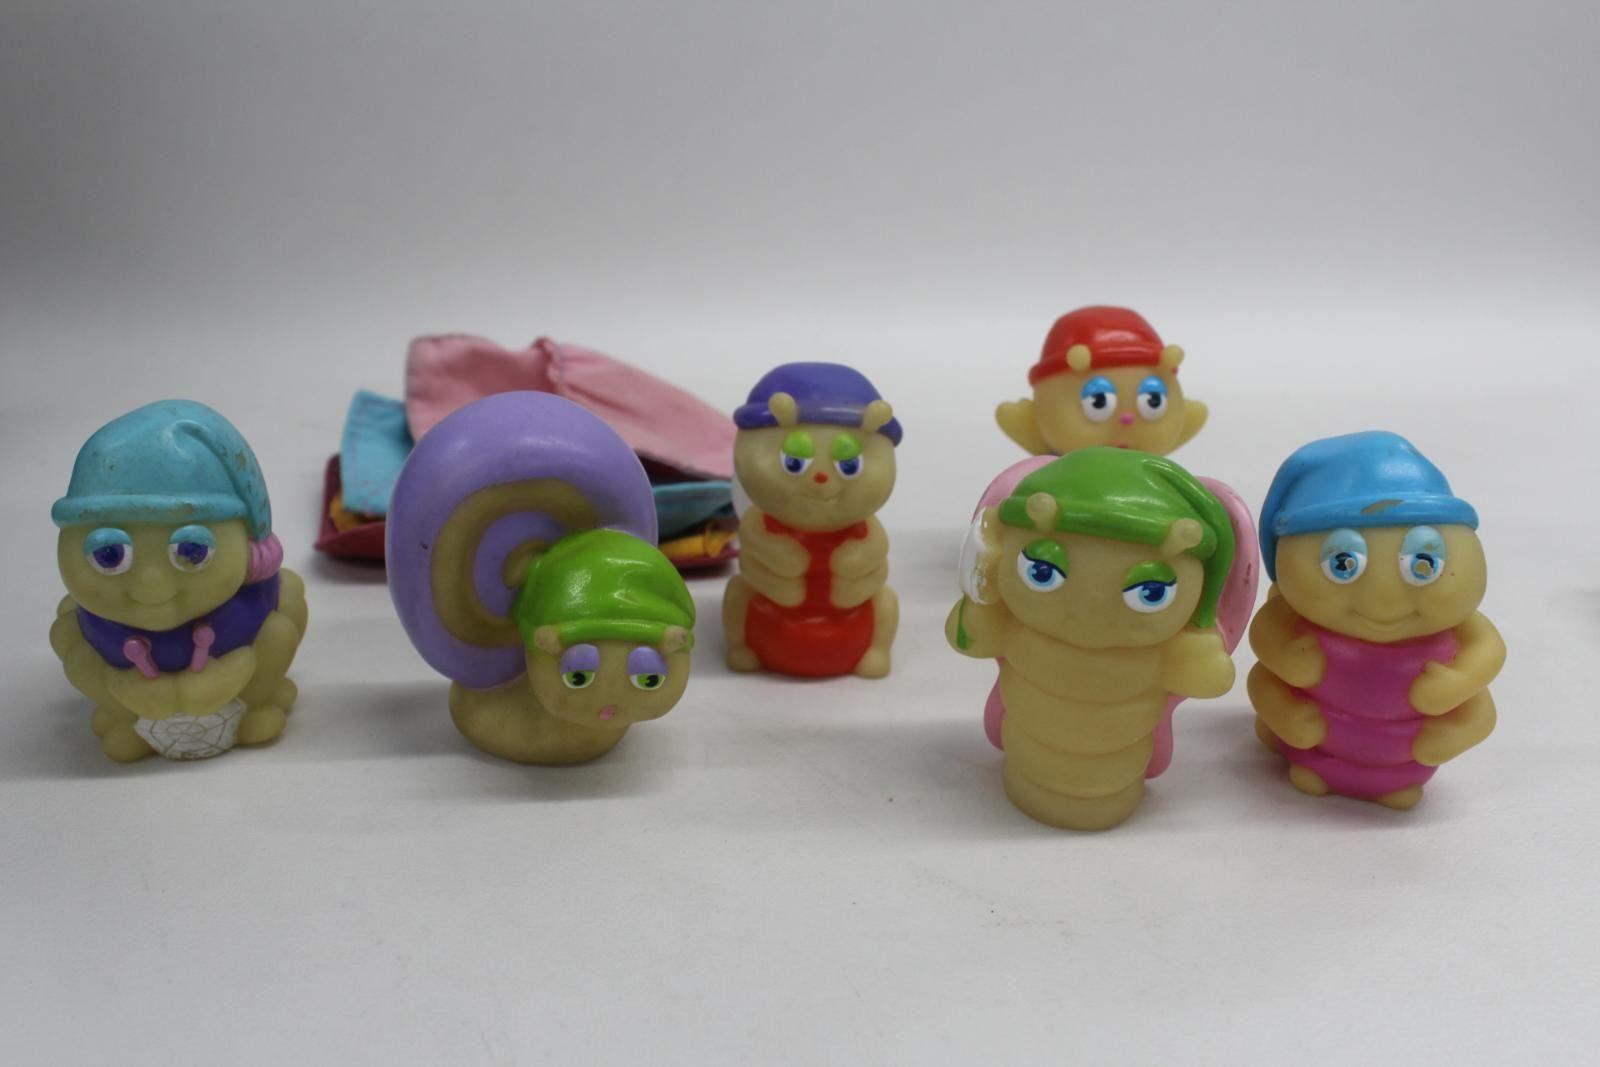 HASBRO-Vintage-6-Glo-Worms-3-034-Mini-Figures-4-Sleep-Sacks-Collectible-5-1985-1-1